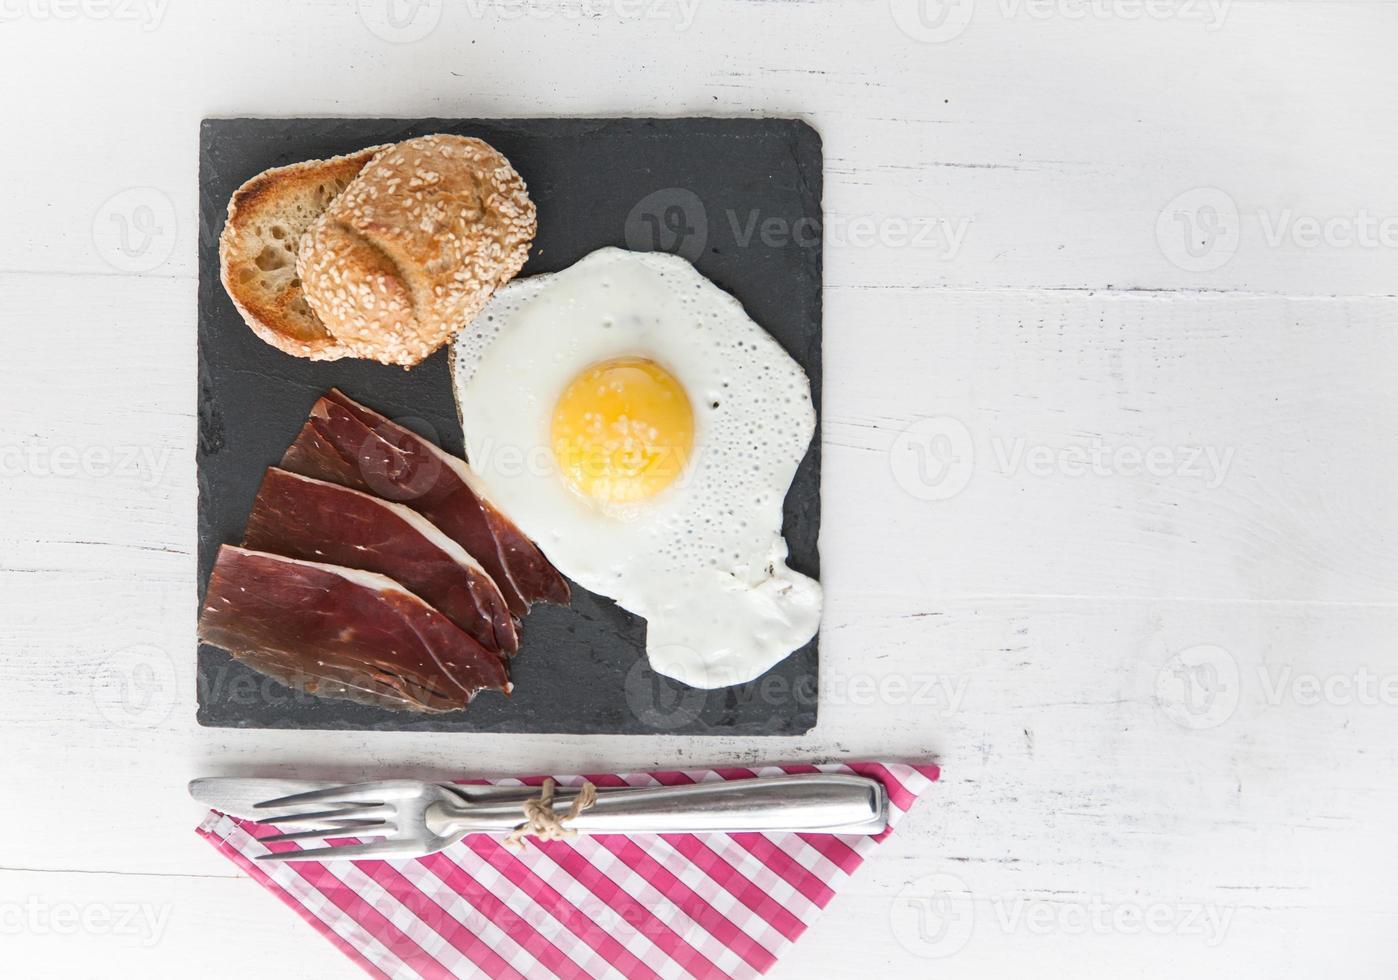 desayuno completo foto